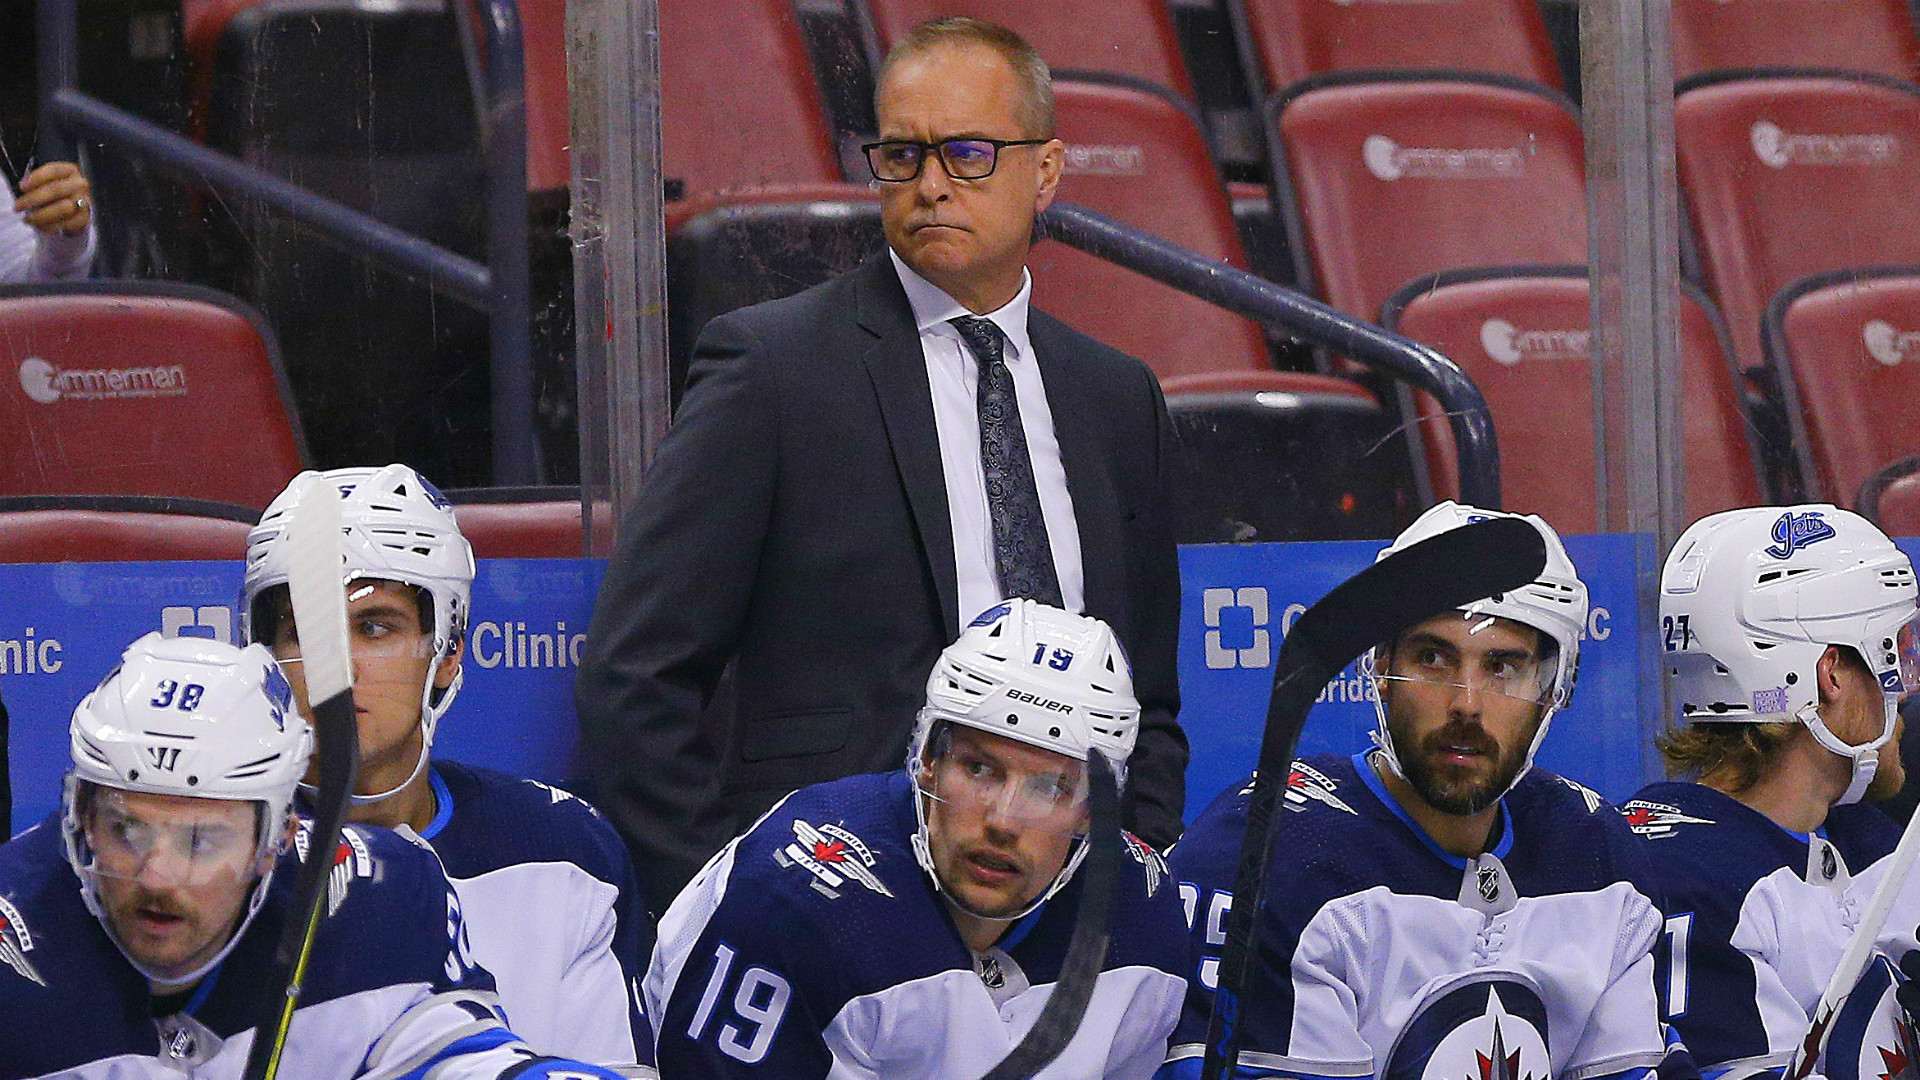 Cinco razones por las cuales los Jets de Winnipeg tenían razón al extender el contrato de Paul Maurice 2